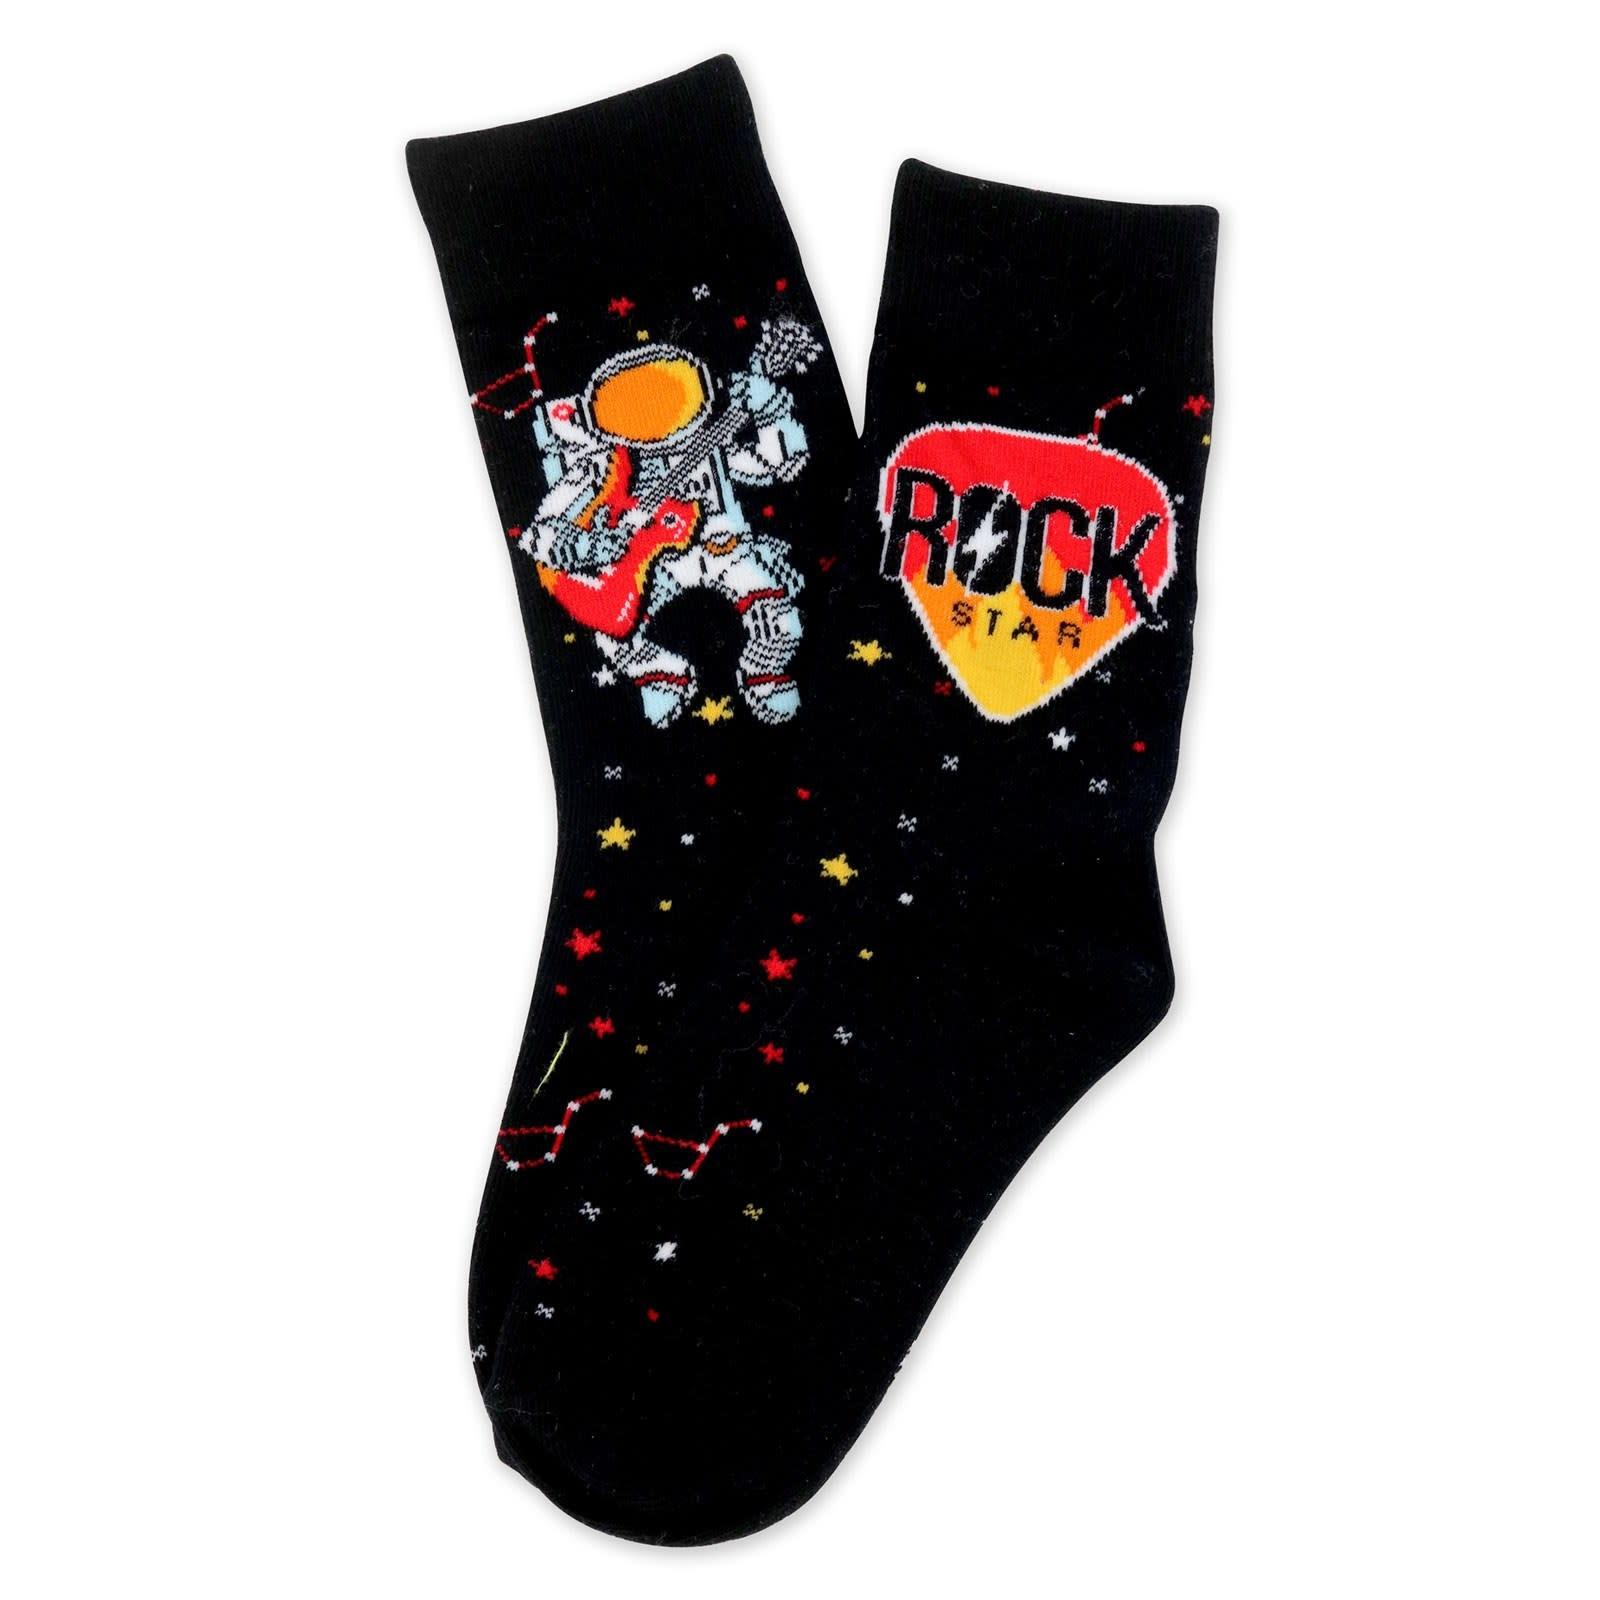 DM MERCHANDISING Rock Star Socks - Ages 7-10